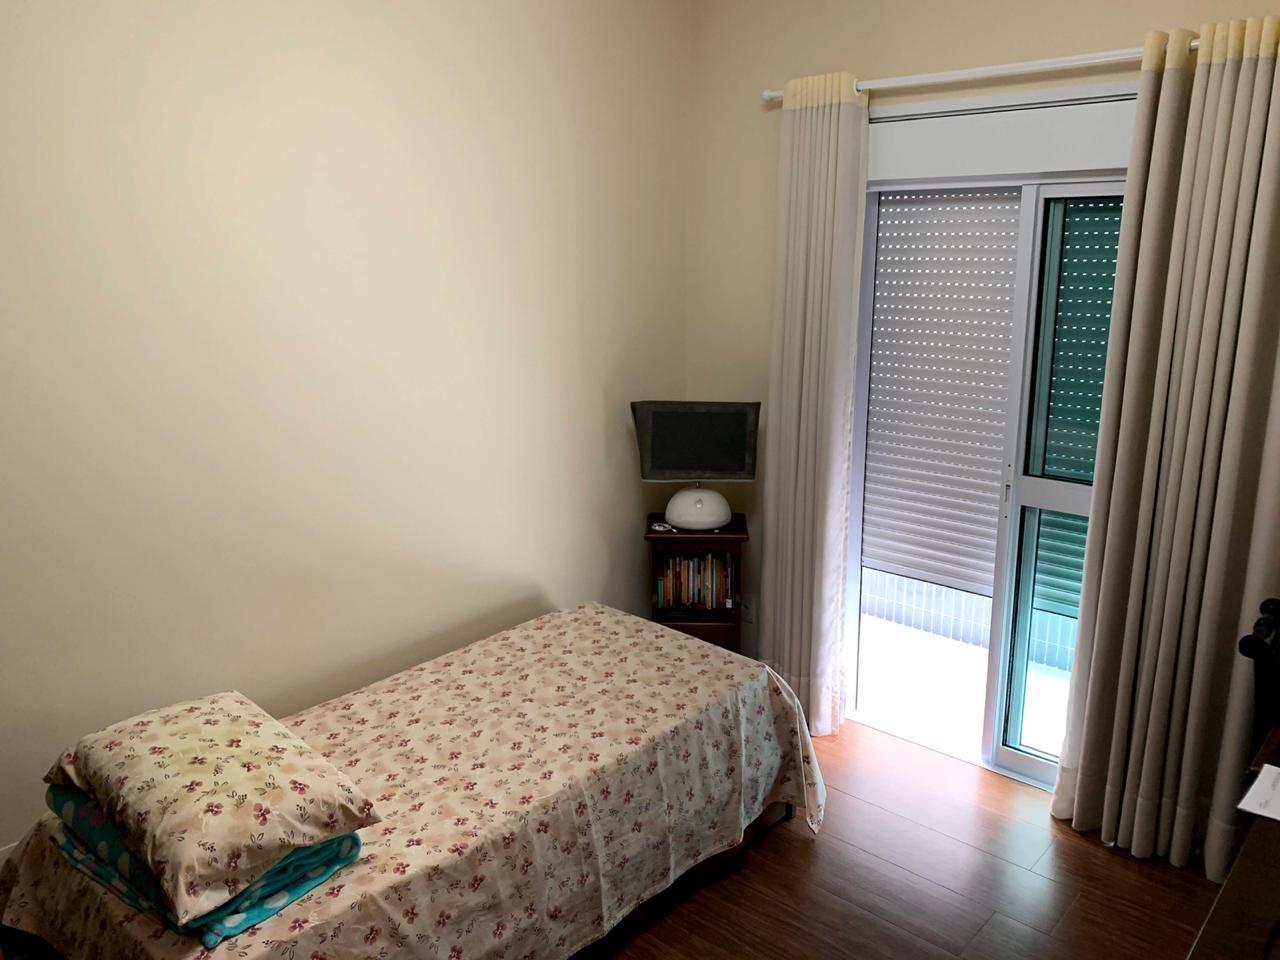 Excelente semi novo apartamento com 160m, uma quadra da Praia, Duas vagas de garagem, 3 suítes - foto 17